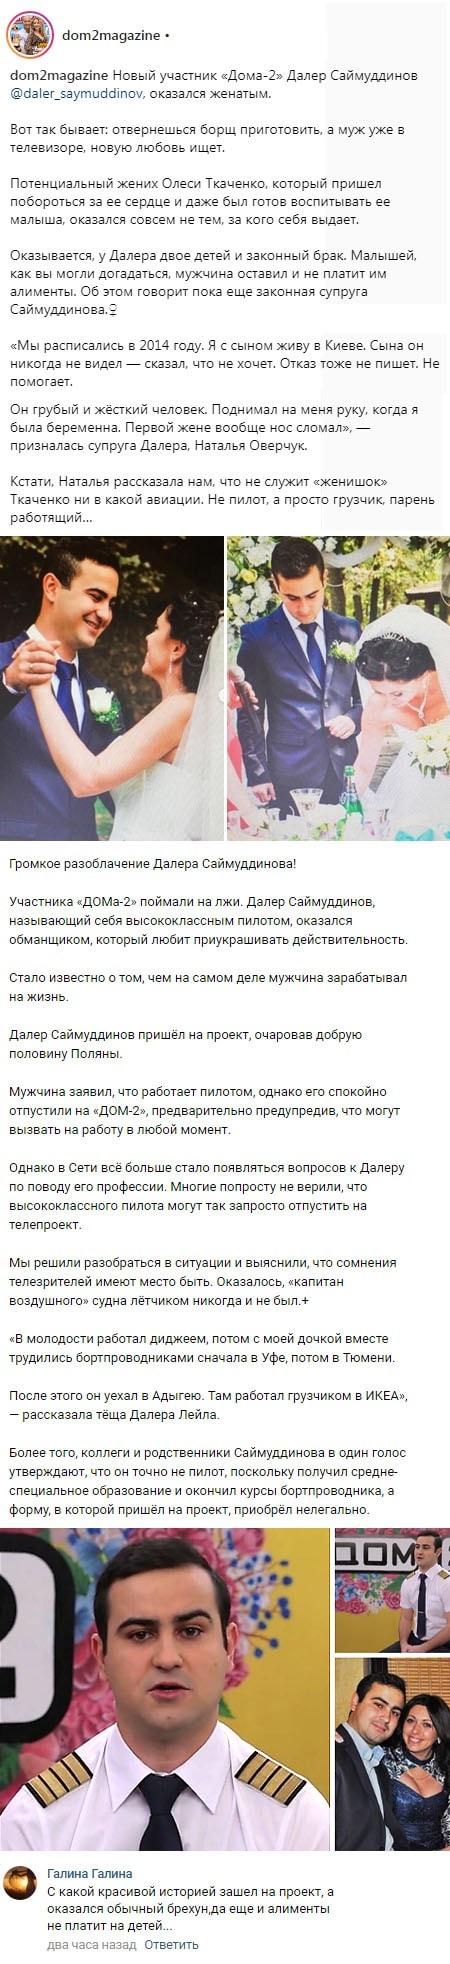 Компромат на новенького Далера Саймуддинова